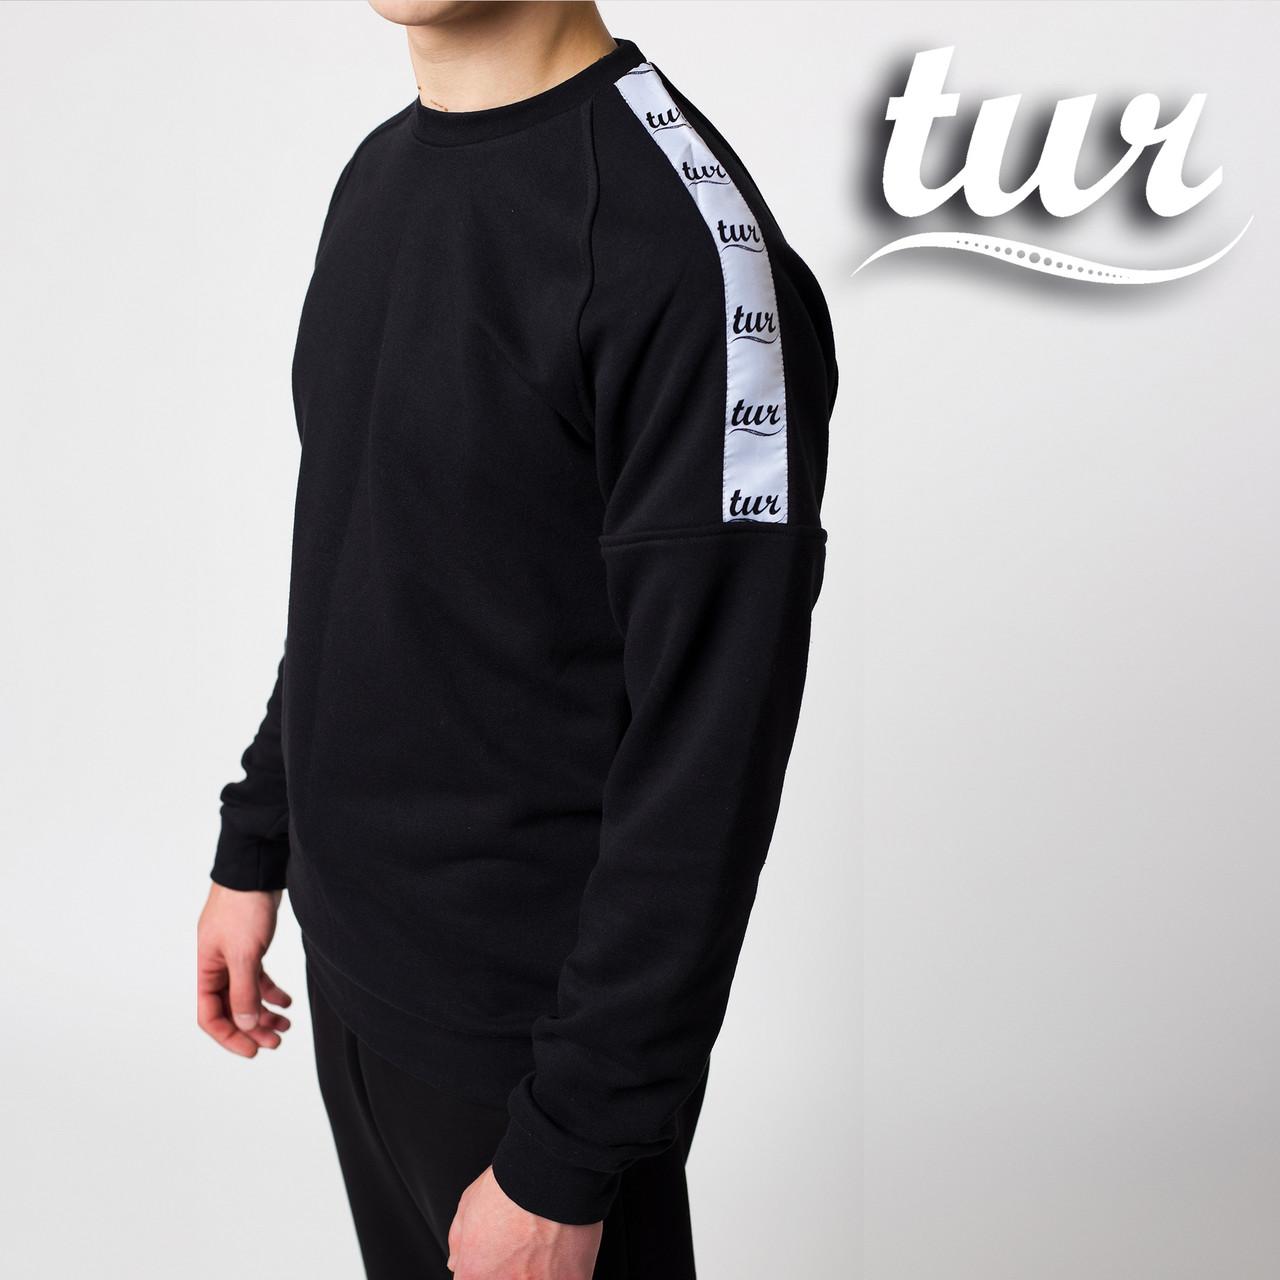 Свитшот реглан мужской чёрный с лампасом от бренда ТУР Сайбот (Saibot ) размер XS,S, M, L, XL